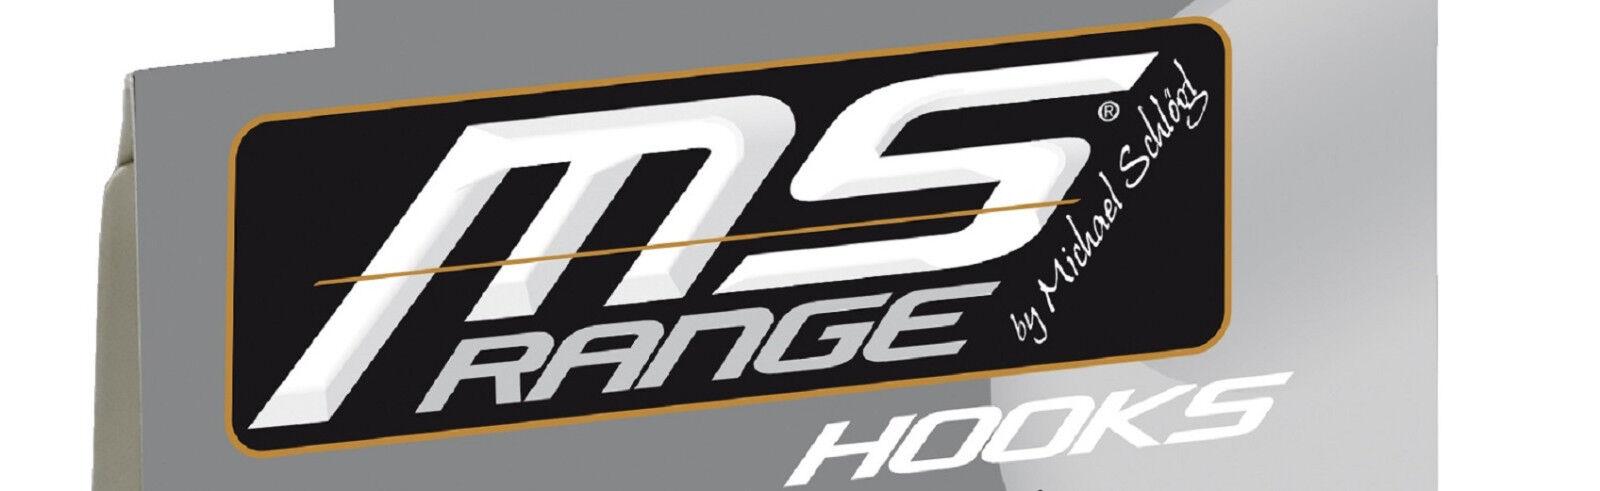 MS-RANGE MEDIUM FEEDER P-180   Einzelhaken mit Plättchen Michael Schlögl